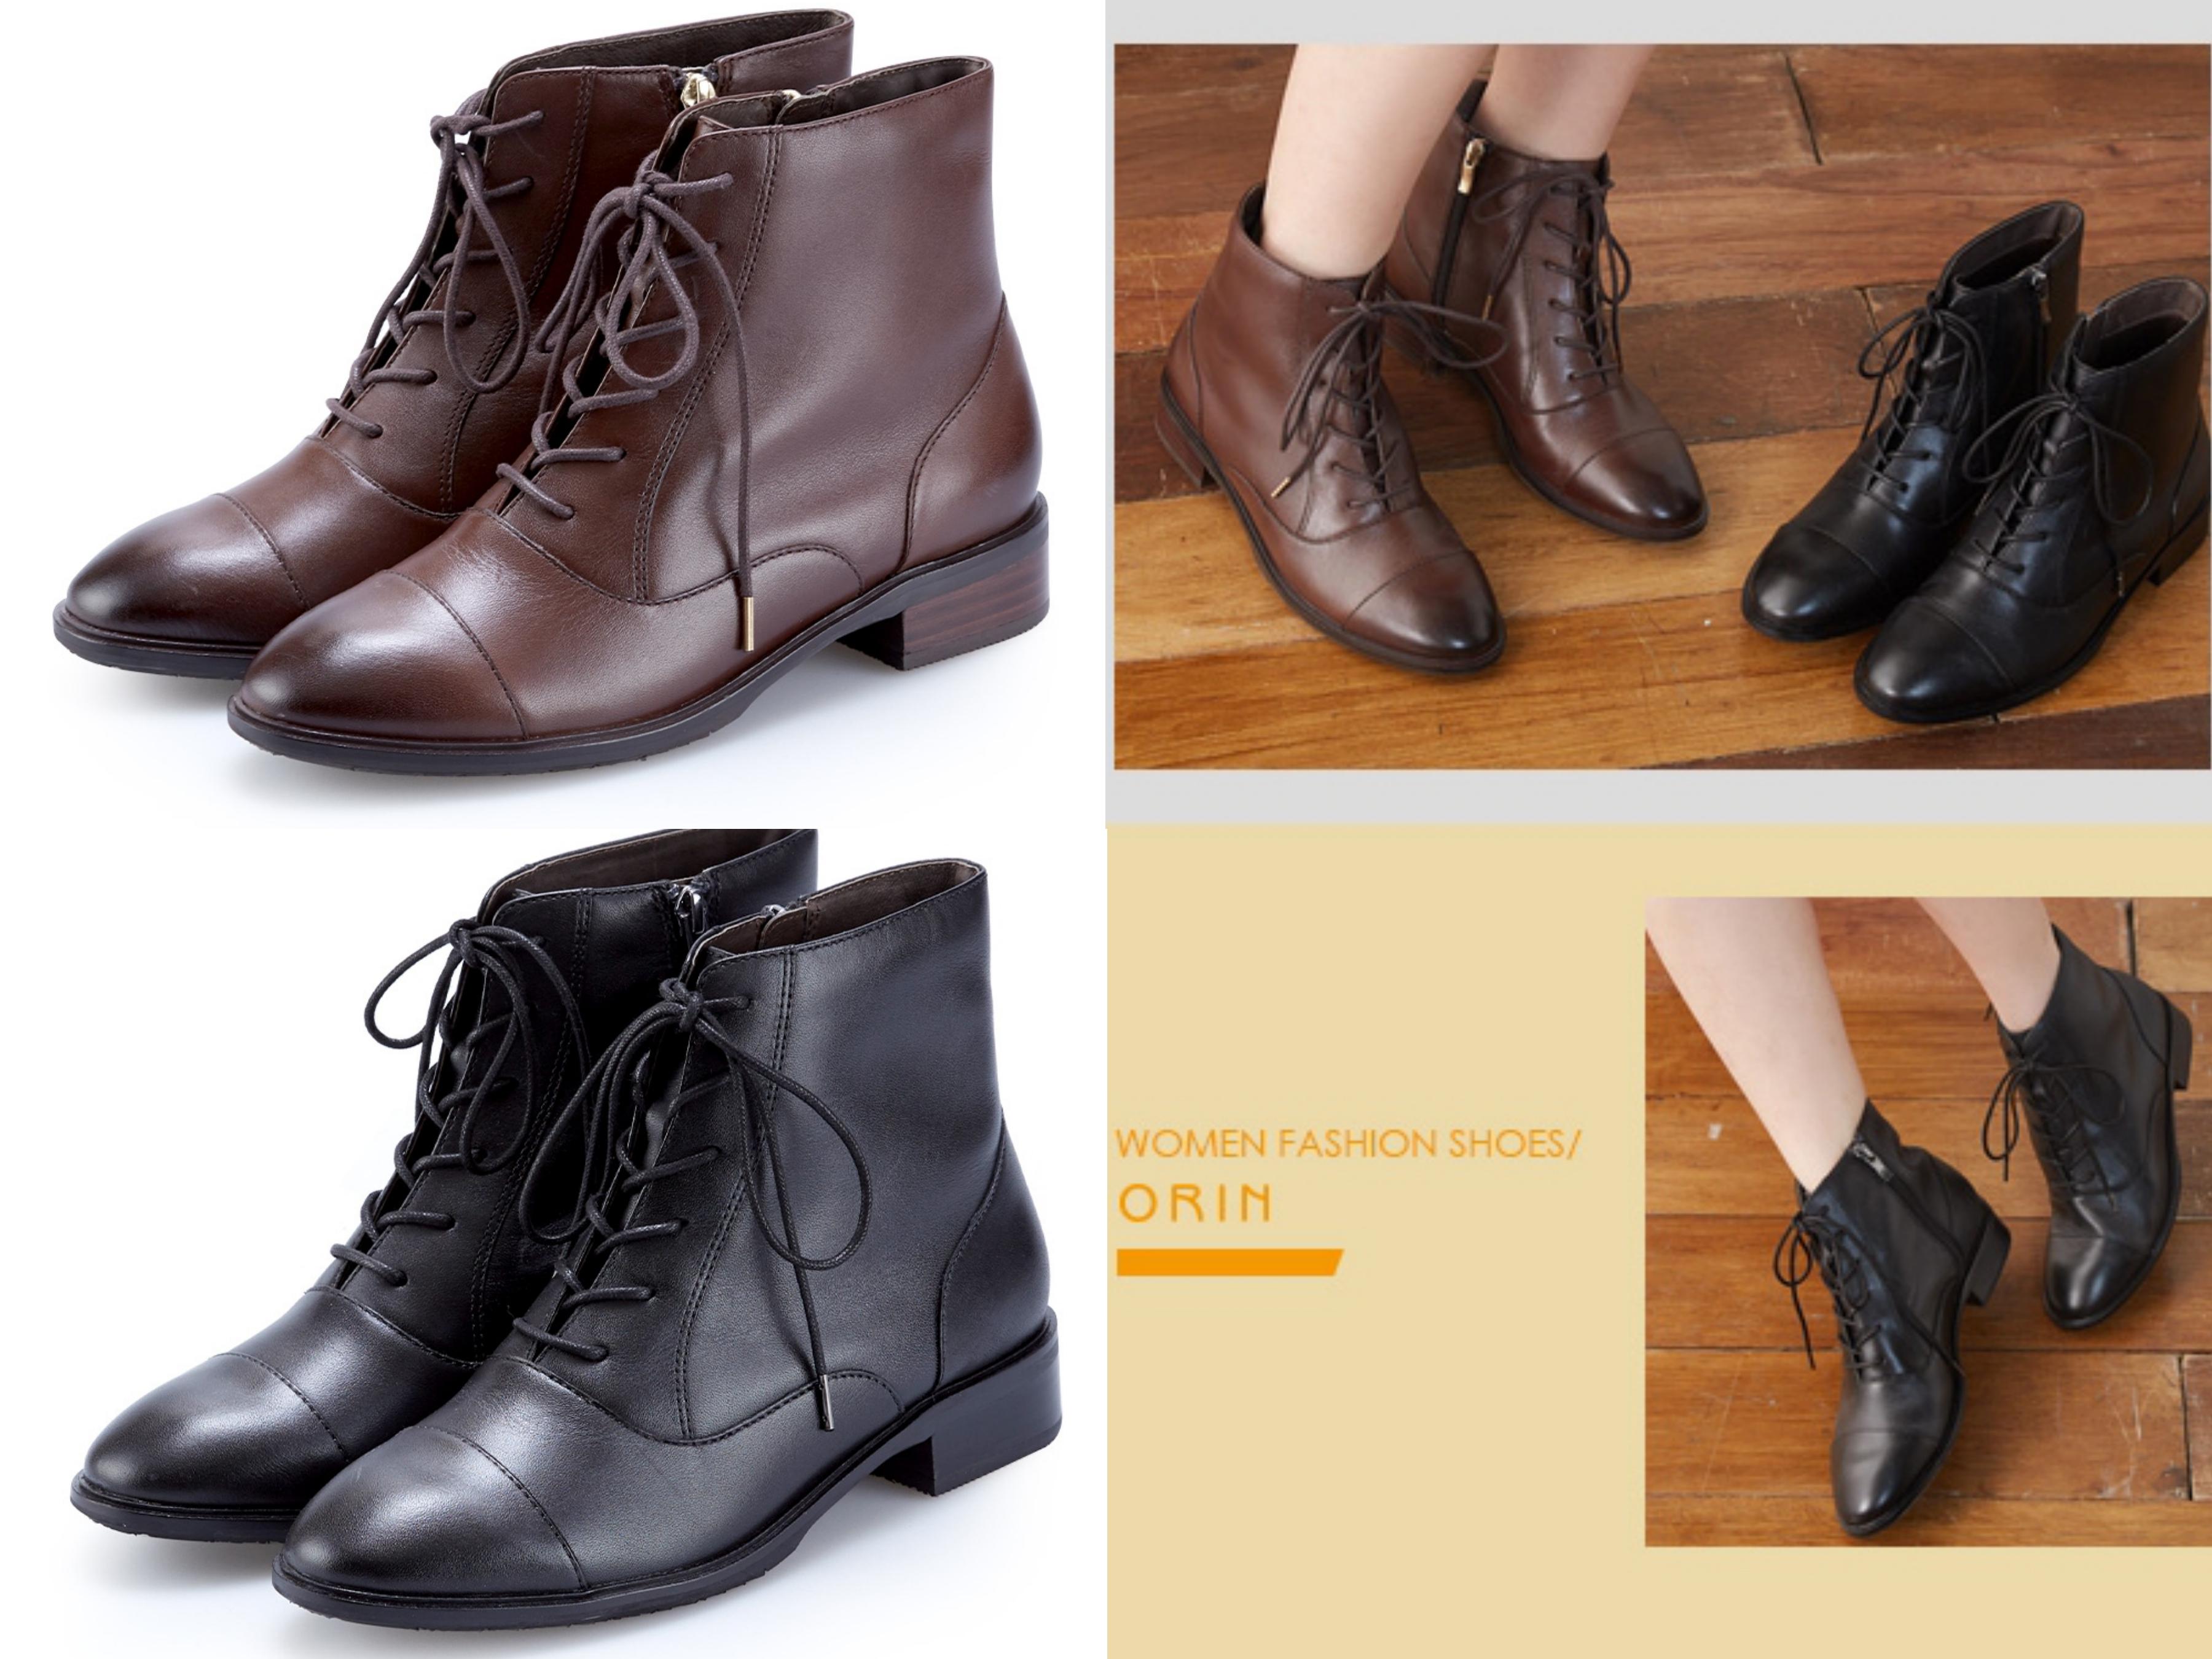 今年最流行綁帶靴!光澤蠟感的雙色牛皮打造